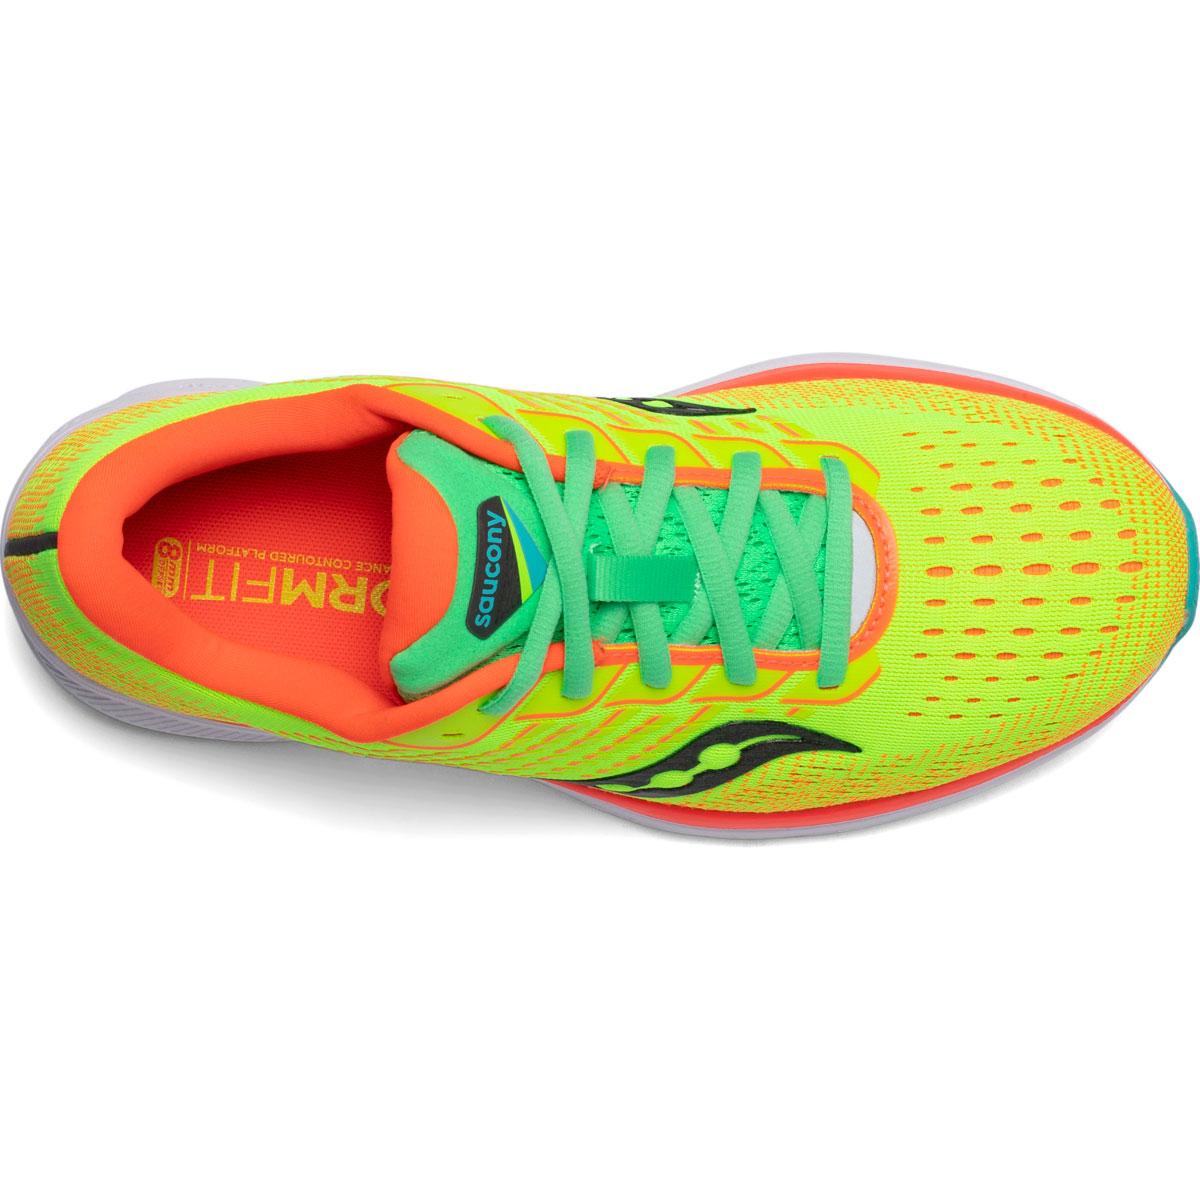 Women's Saucony Ride 13 Running Shoe - Color: Citron Mutant - Size: 5 - Width: Regular, Citron Mutant, large, image 3